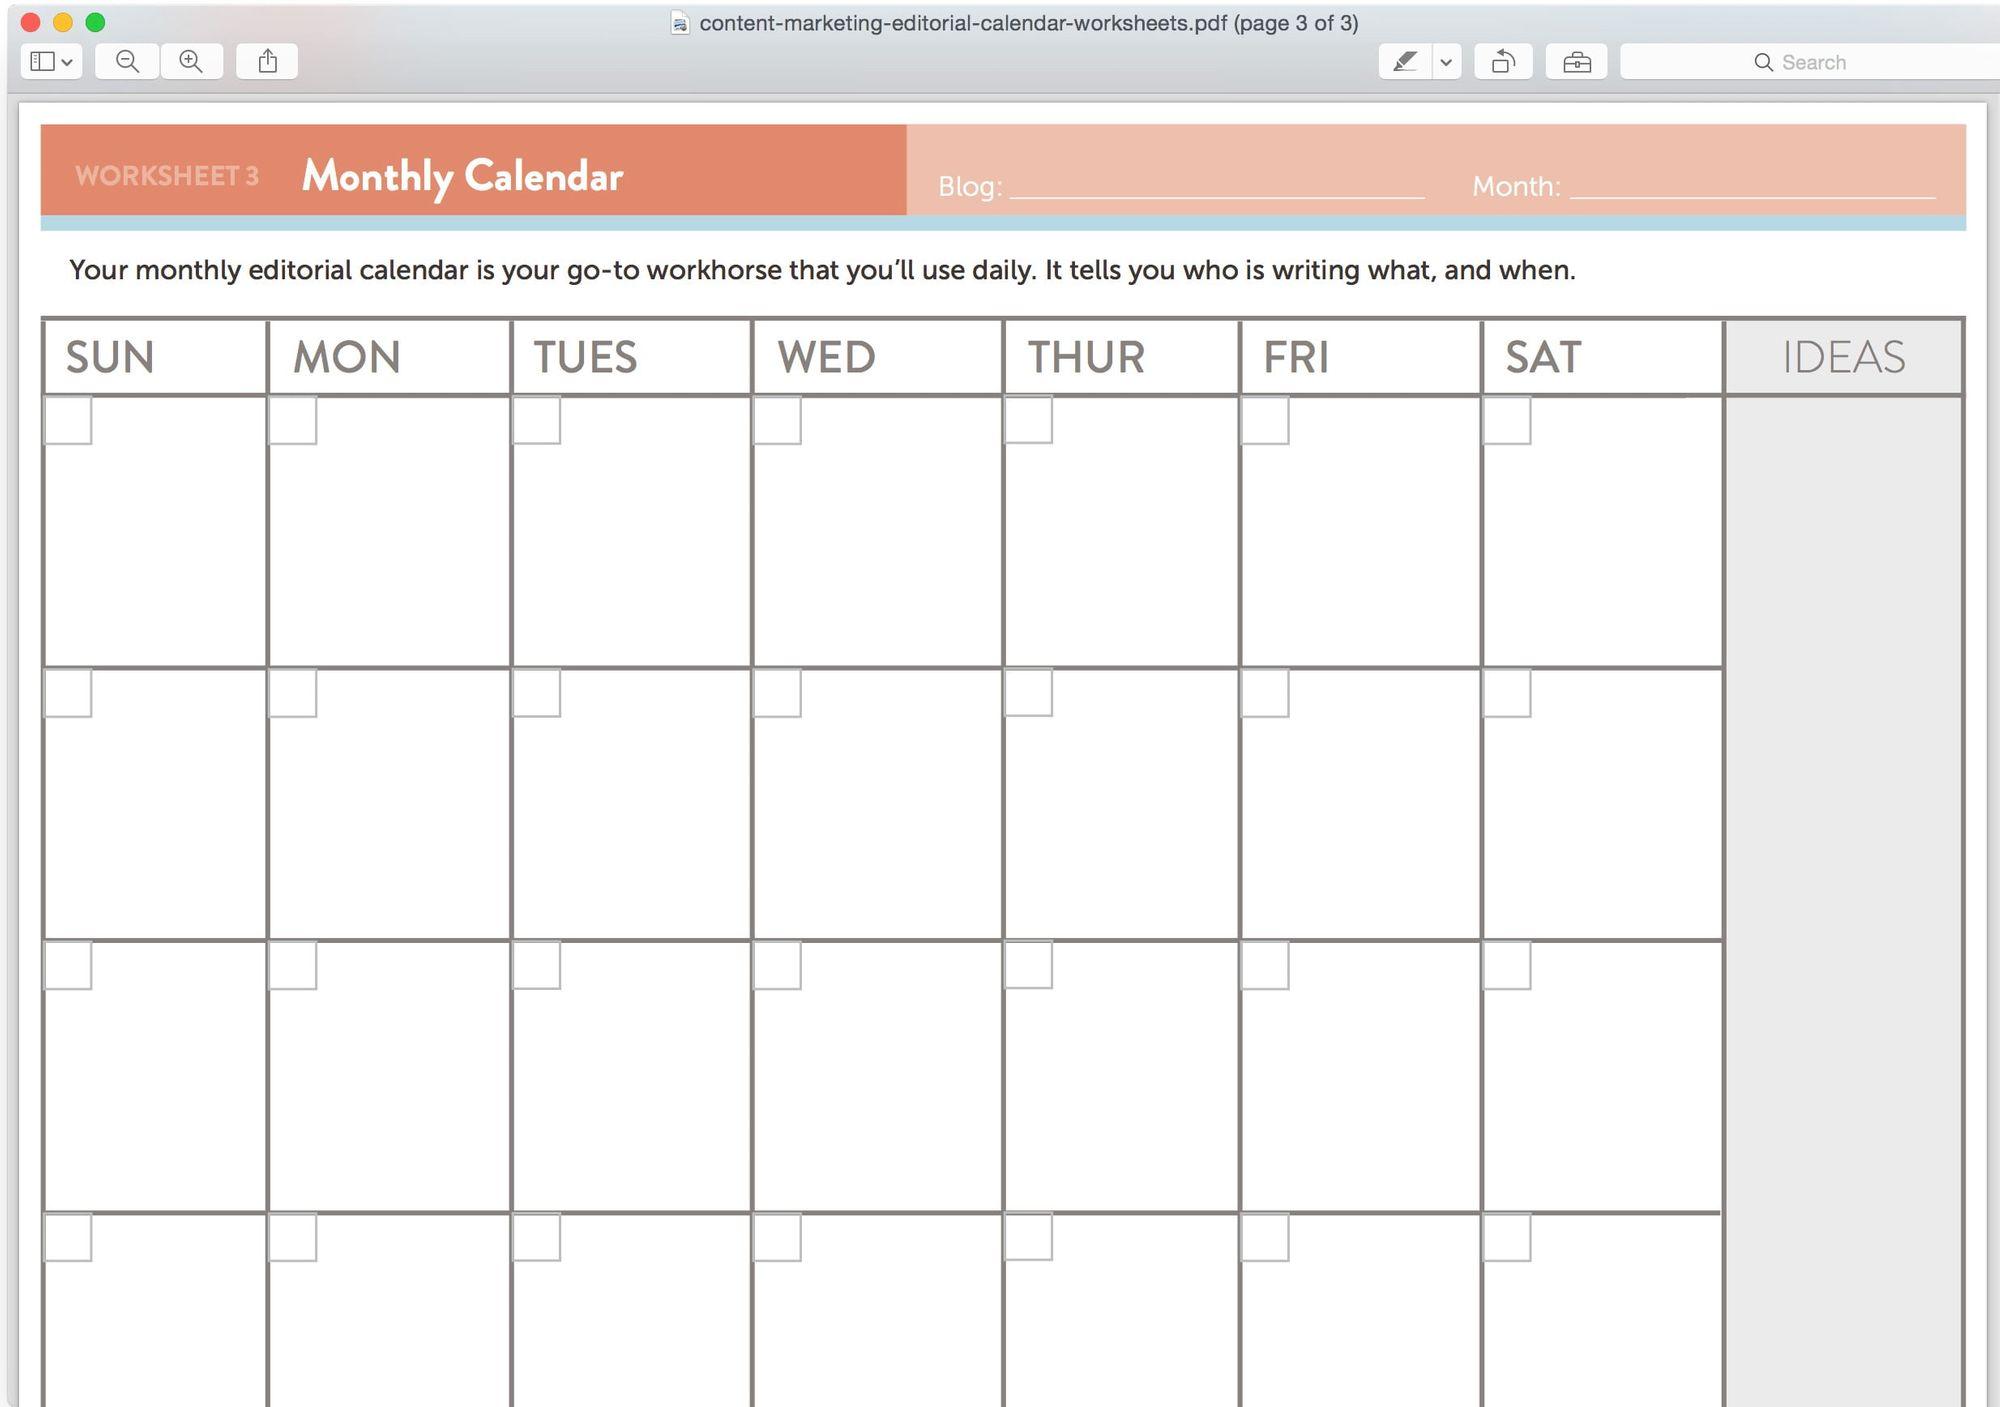 Можно скачать любой шаблон для календаря и использовать его как контент-план